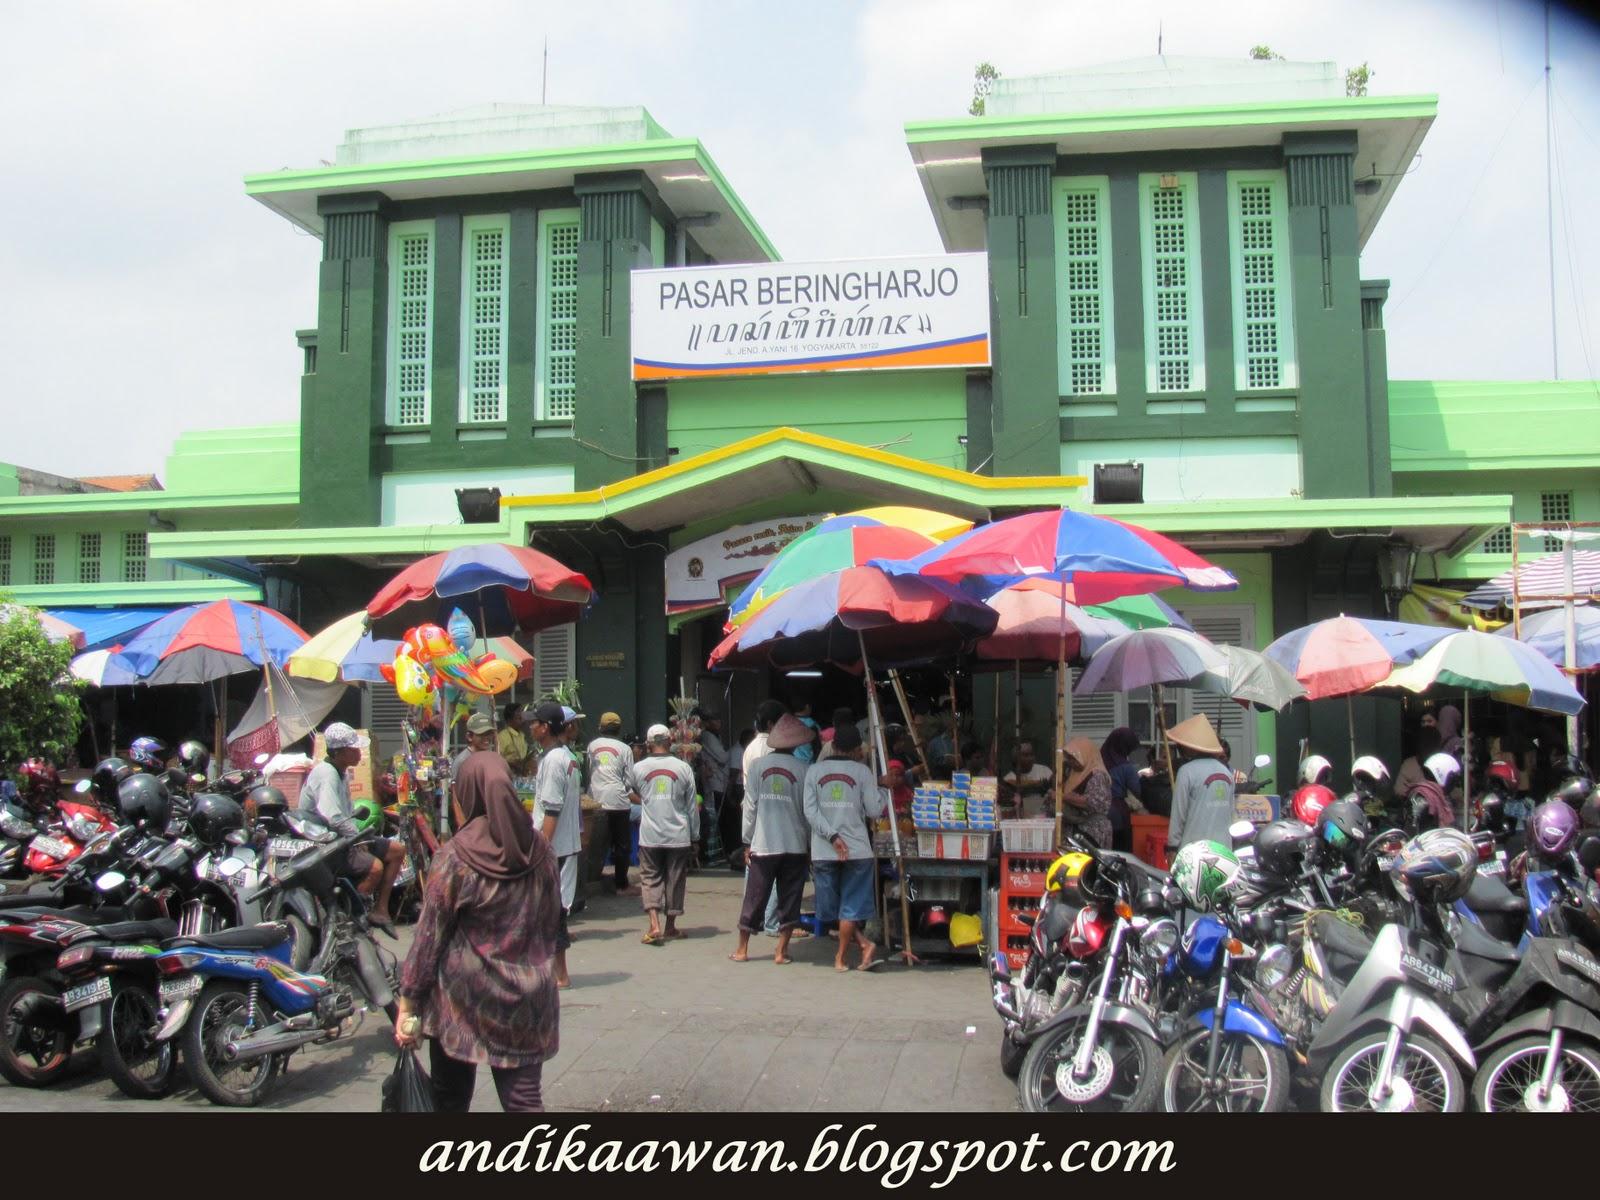 Penikmat Perjalanan Melihat Lihat Batik Pasar Beringharjo Siapa Tidak Mengenal